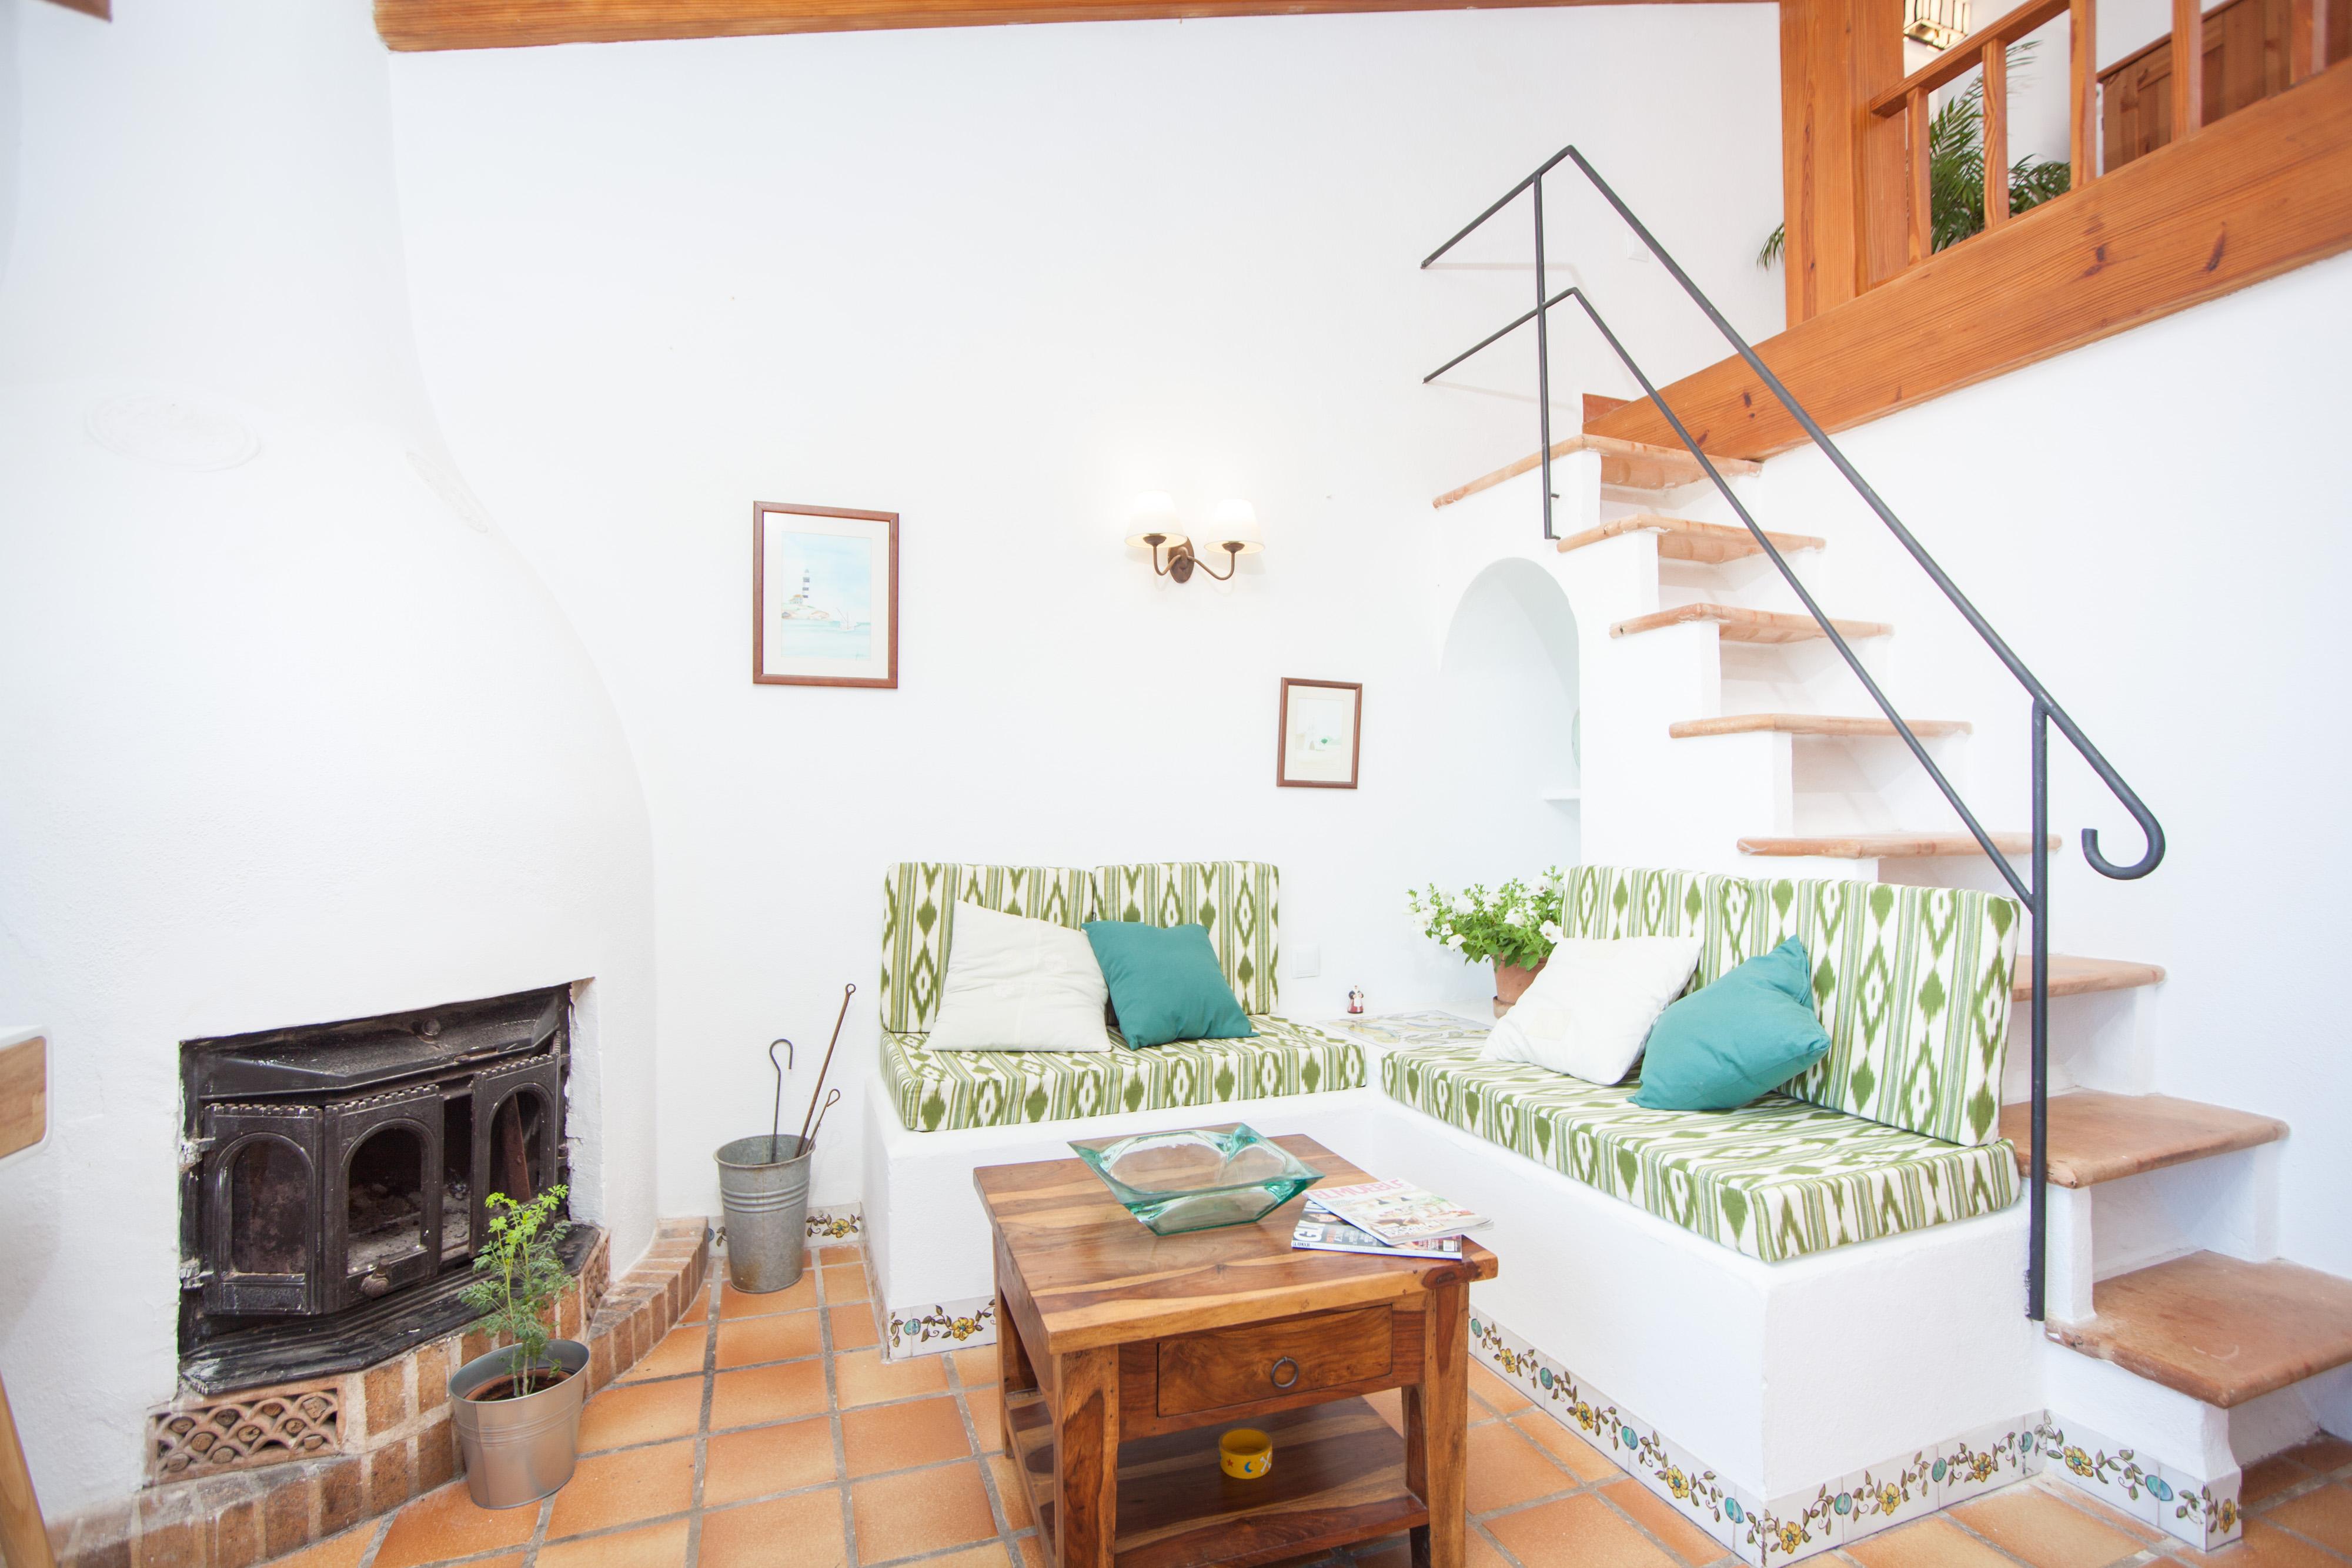 Ferienhaus SA BARQUETA (2177991), Colonia de Sant Pere, Mallorca, Balearische Inseln, Spanien, Bild 12